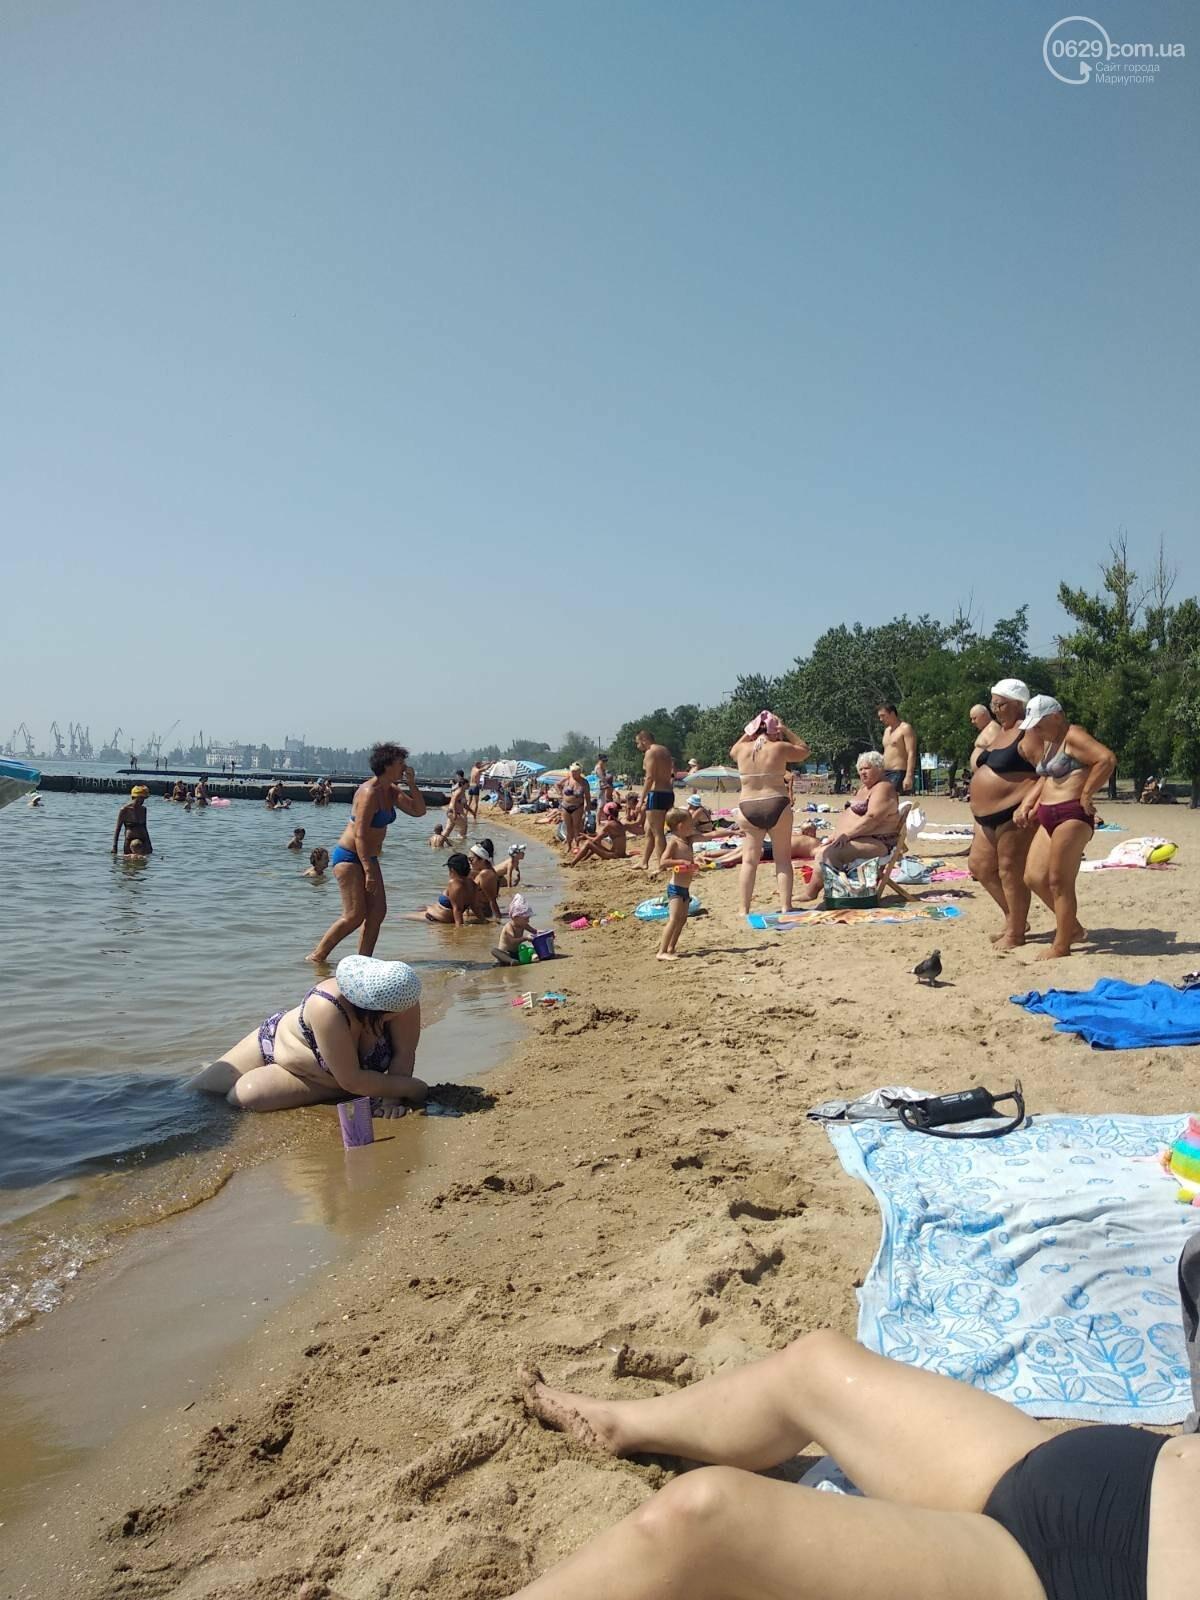 На пляжах Мариуполя – аншлаг. Большая часть отдыхающих – пьяные, - ФОТО, фото-5